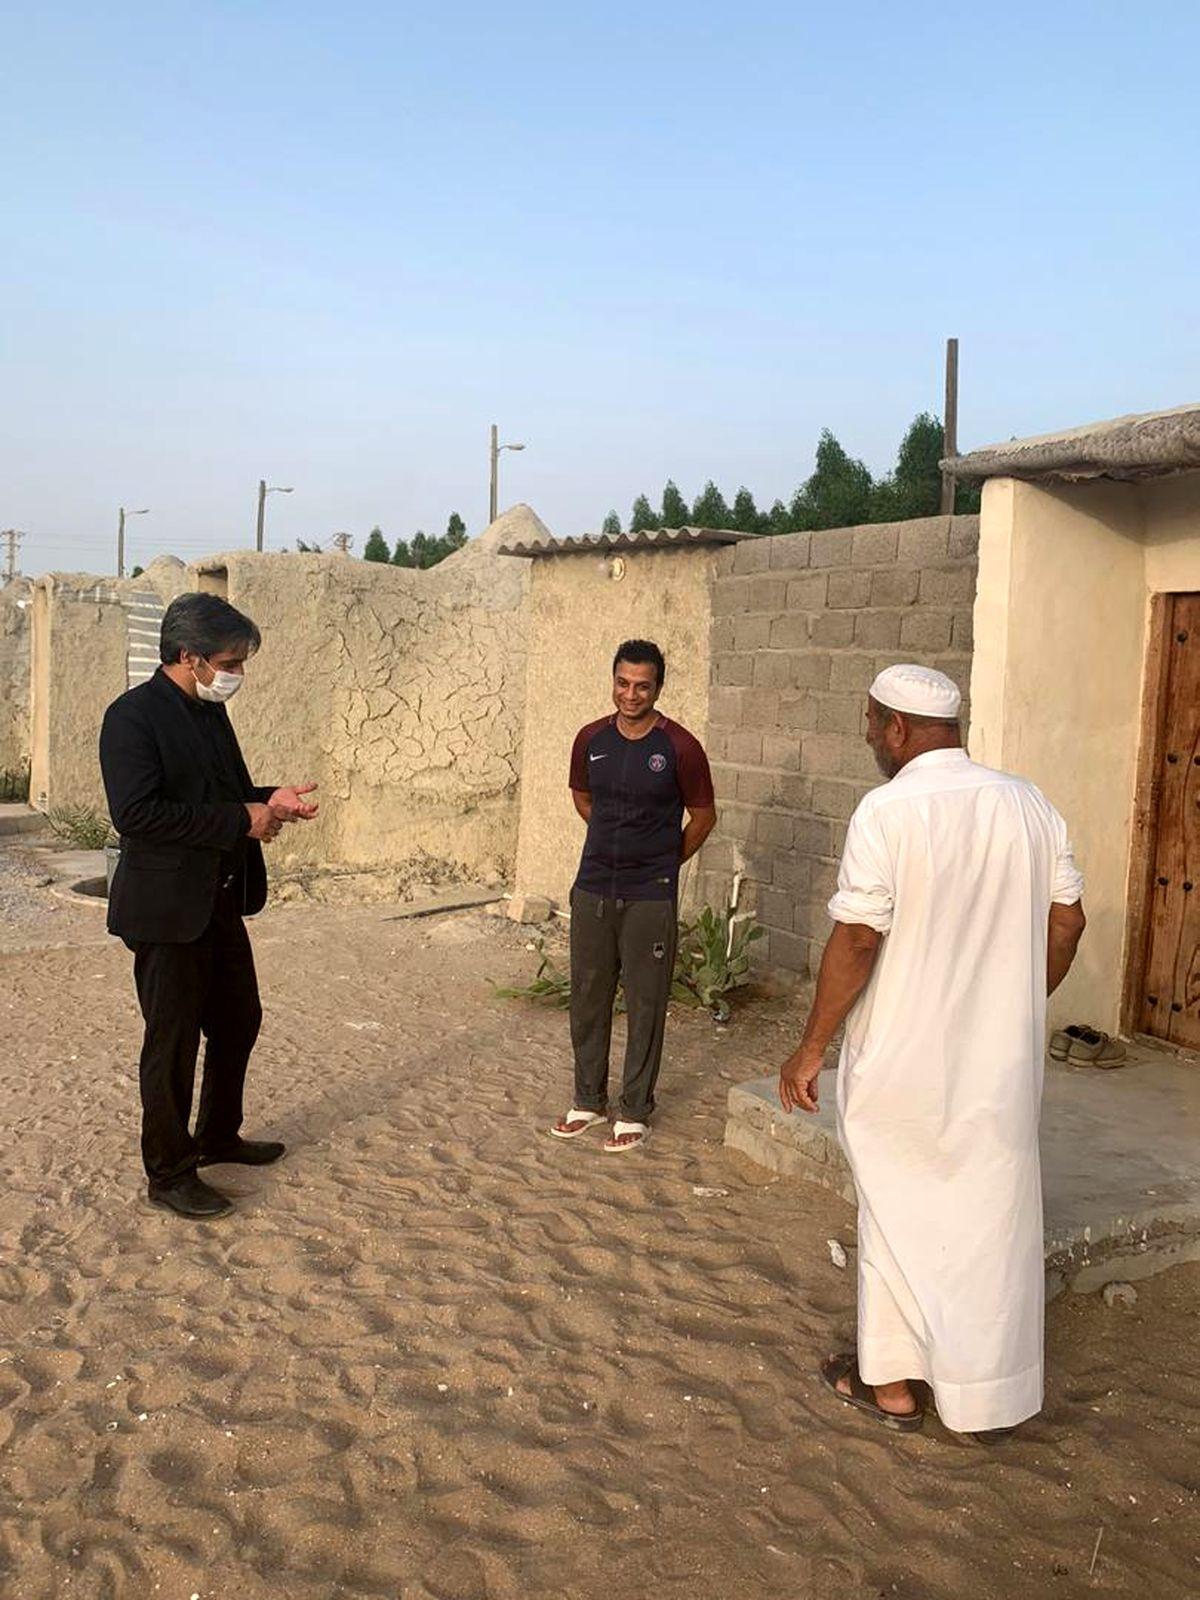 بازدید معاون فرهنگی سازمان منطقه آزاد قشم از چند خانه بوم گردی جزیره